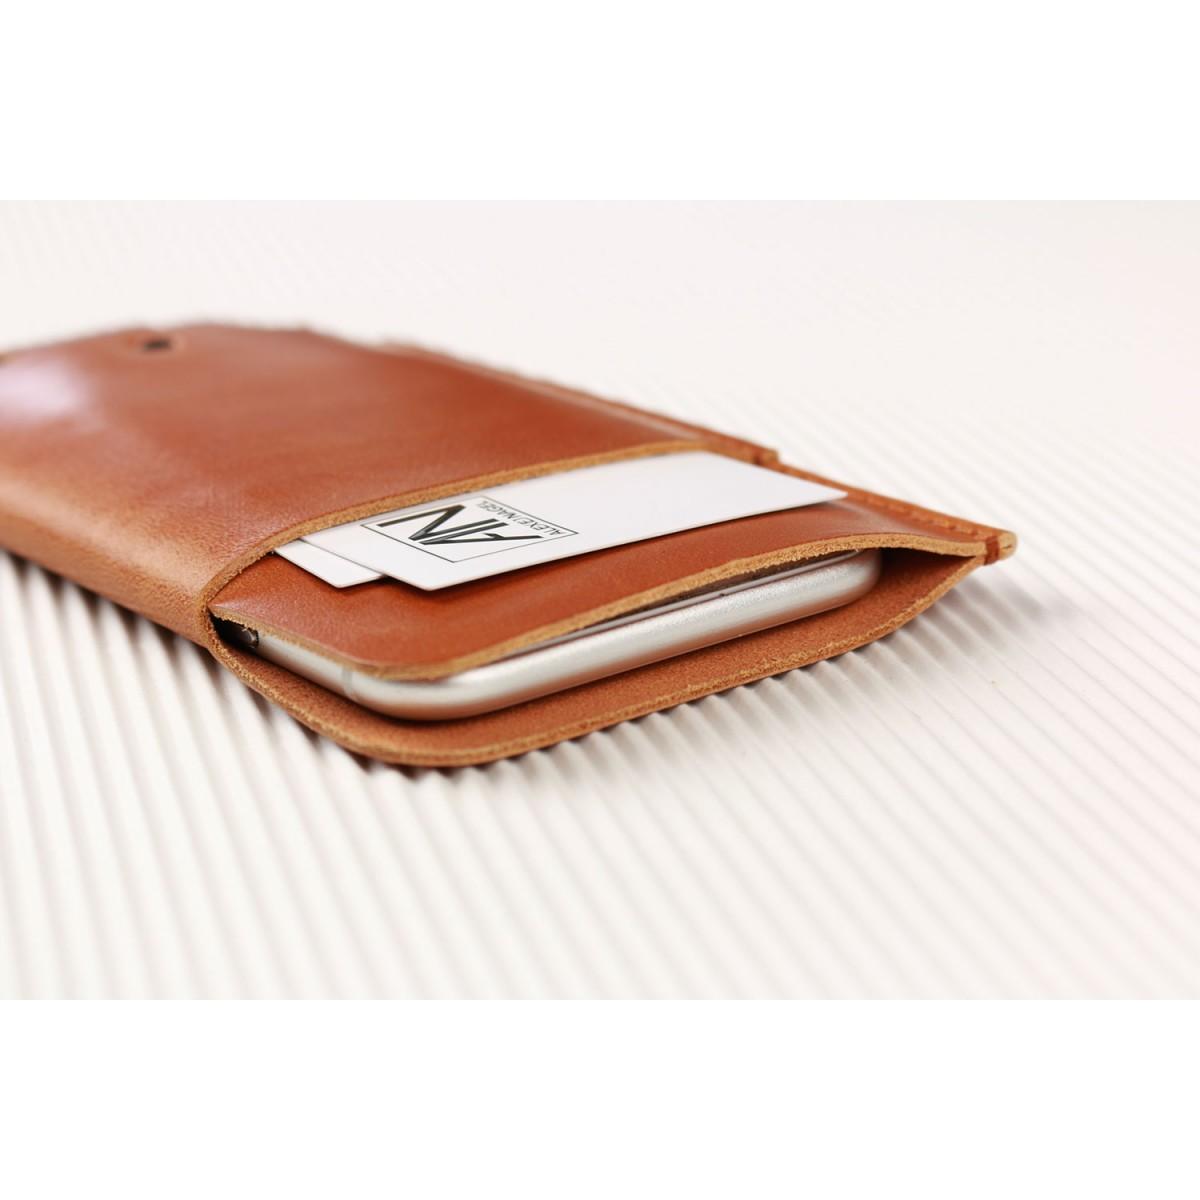 Alexej Nagel Slim Fit Hülle für iPhone 6 Plus / 6S Plus aus Premium Leder - Cognak [CO]